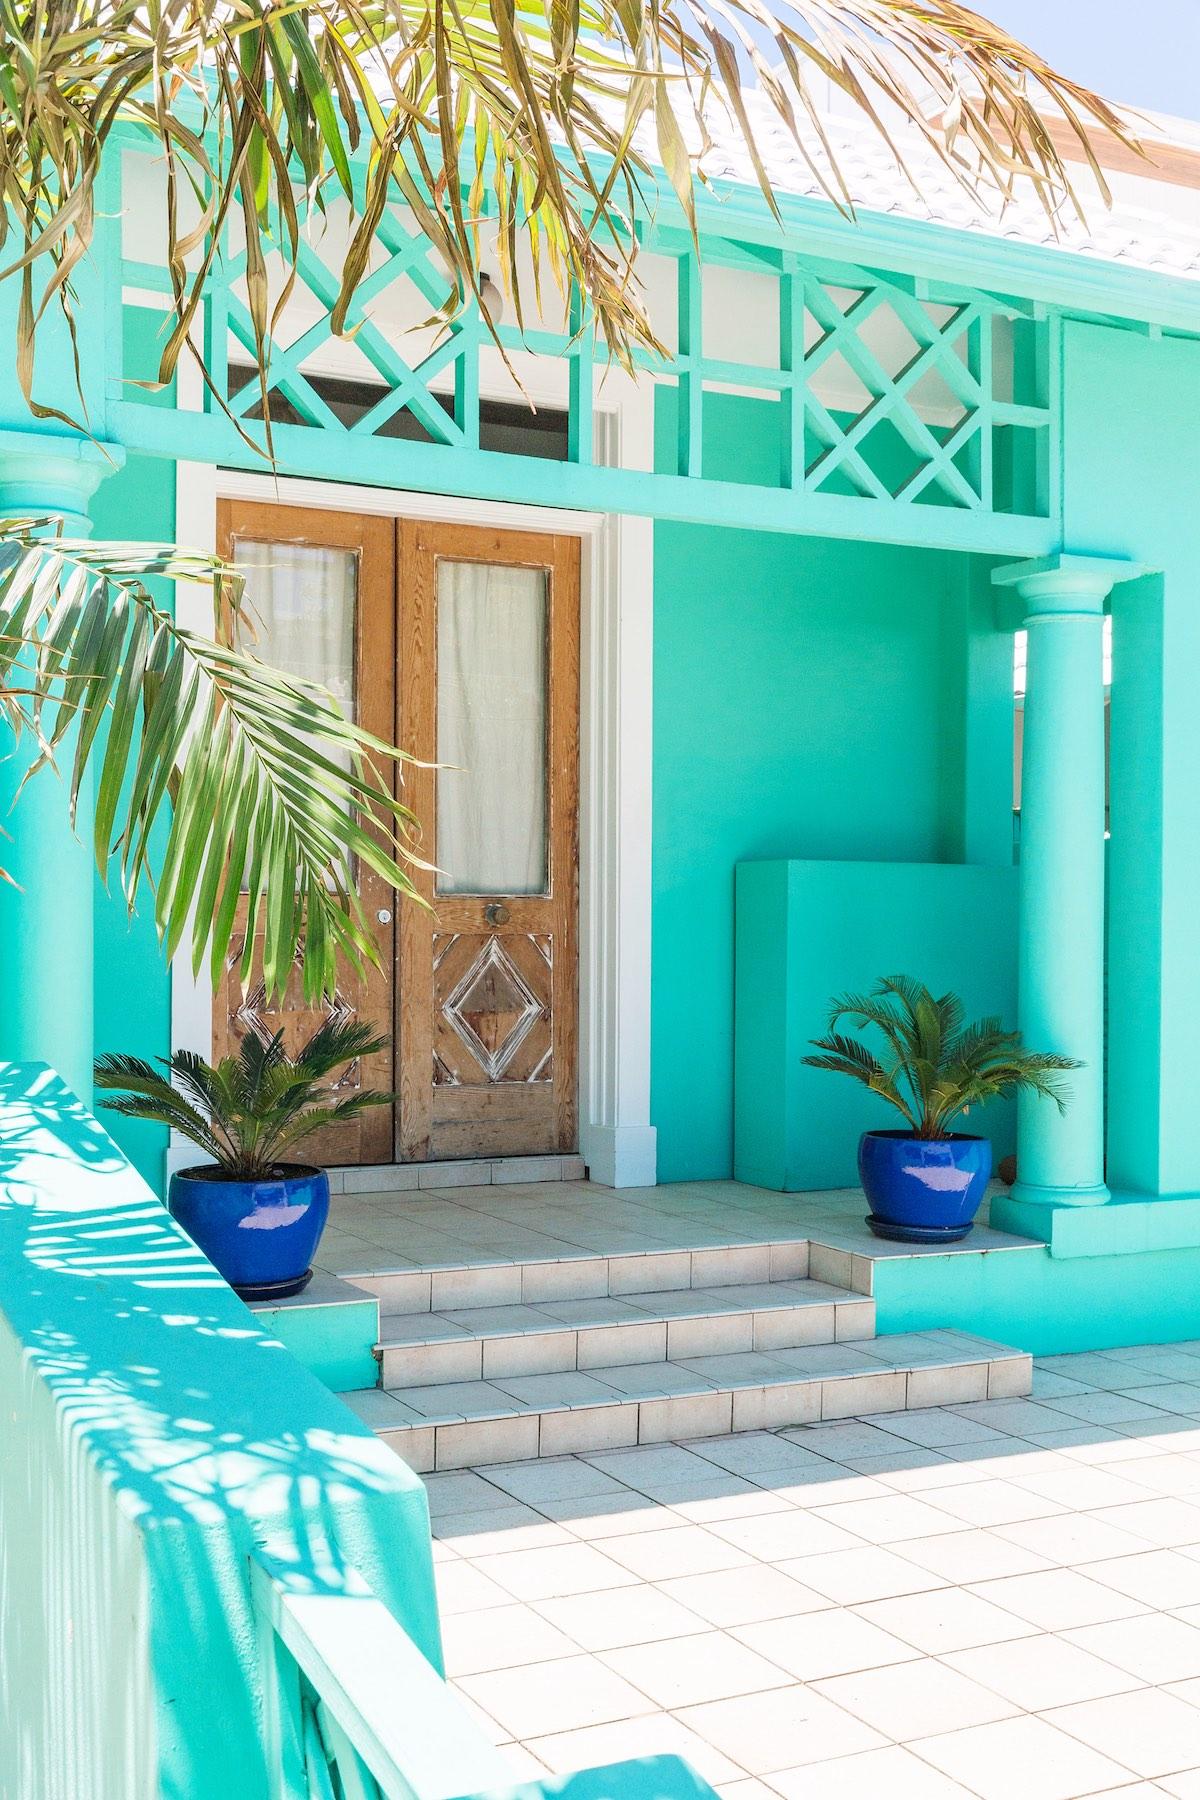 Rockstar-Villa-Bondi Beach Holiday Homes14.jpg